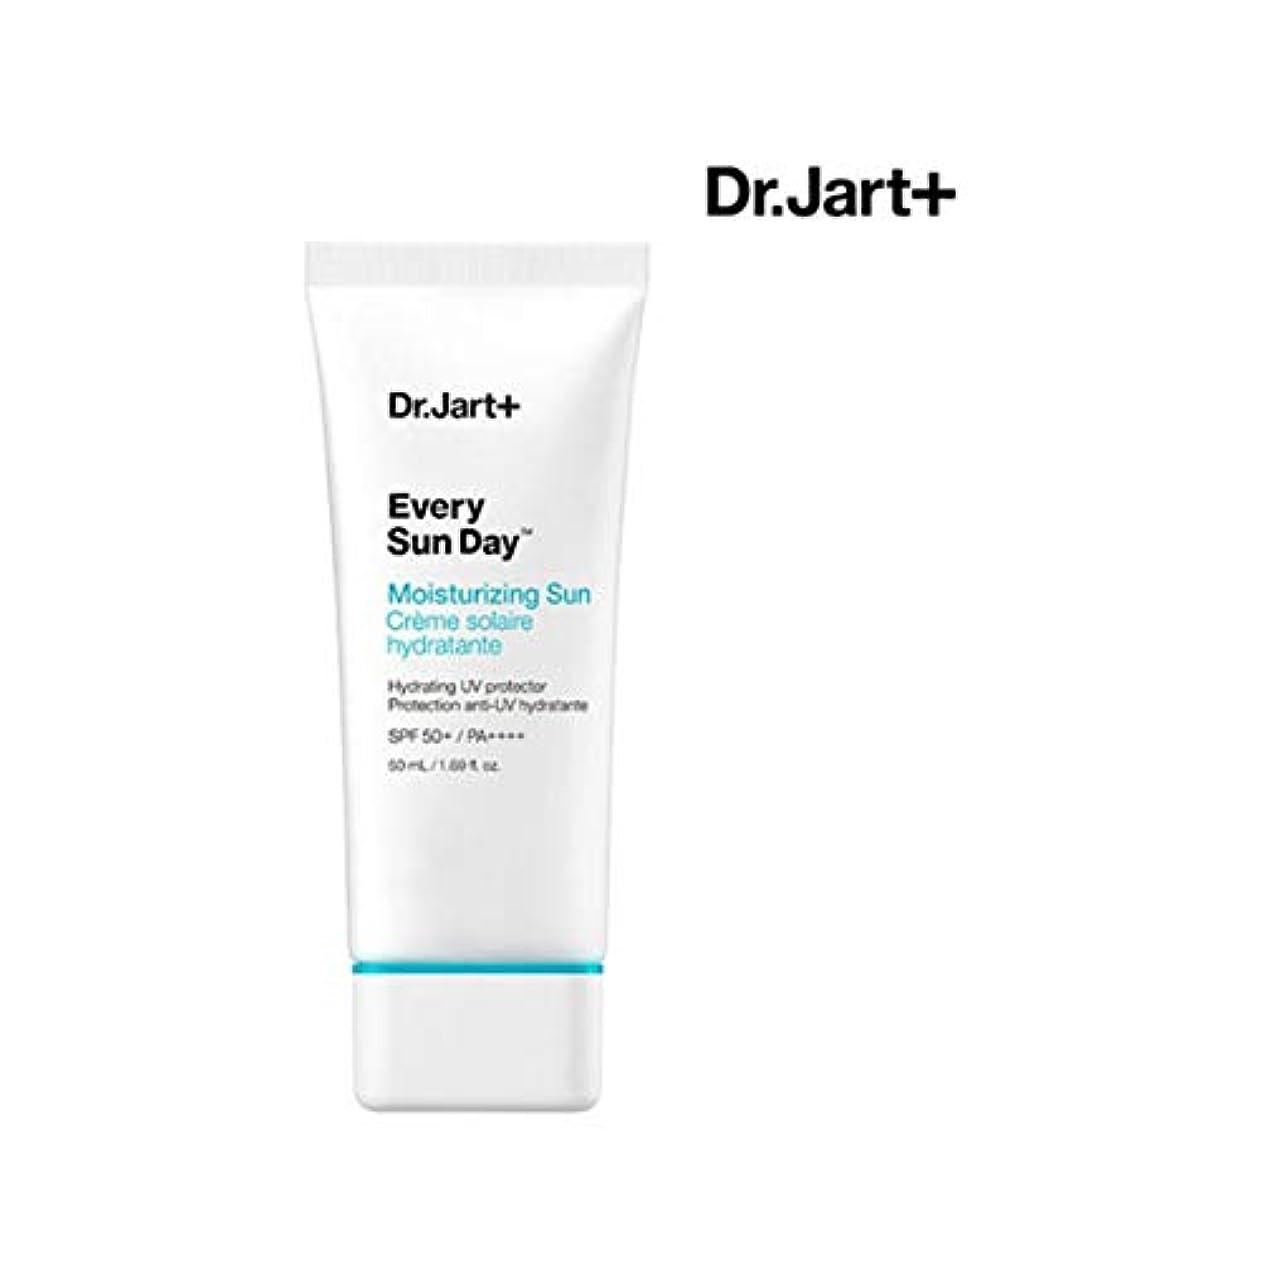 間に合わせレジ嫌がらせドクタージャルトゥエブリサンデーモイスチャーライジングサン50mlサンクリーム韓国コスメ、Dr.Jart Every Sun Day Moisturizing Sun 50ml Sun Cream Korean Cosmetics...